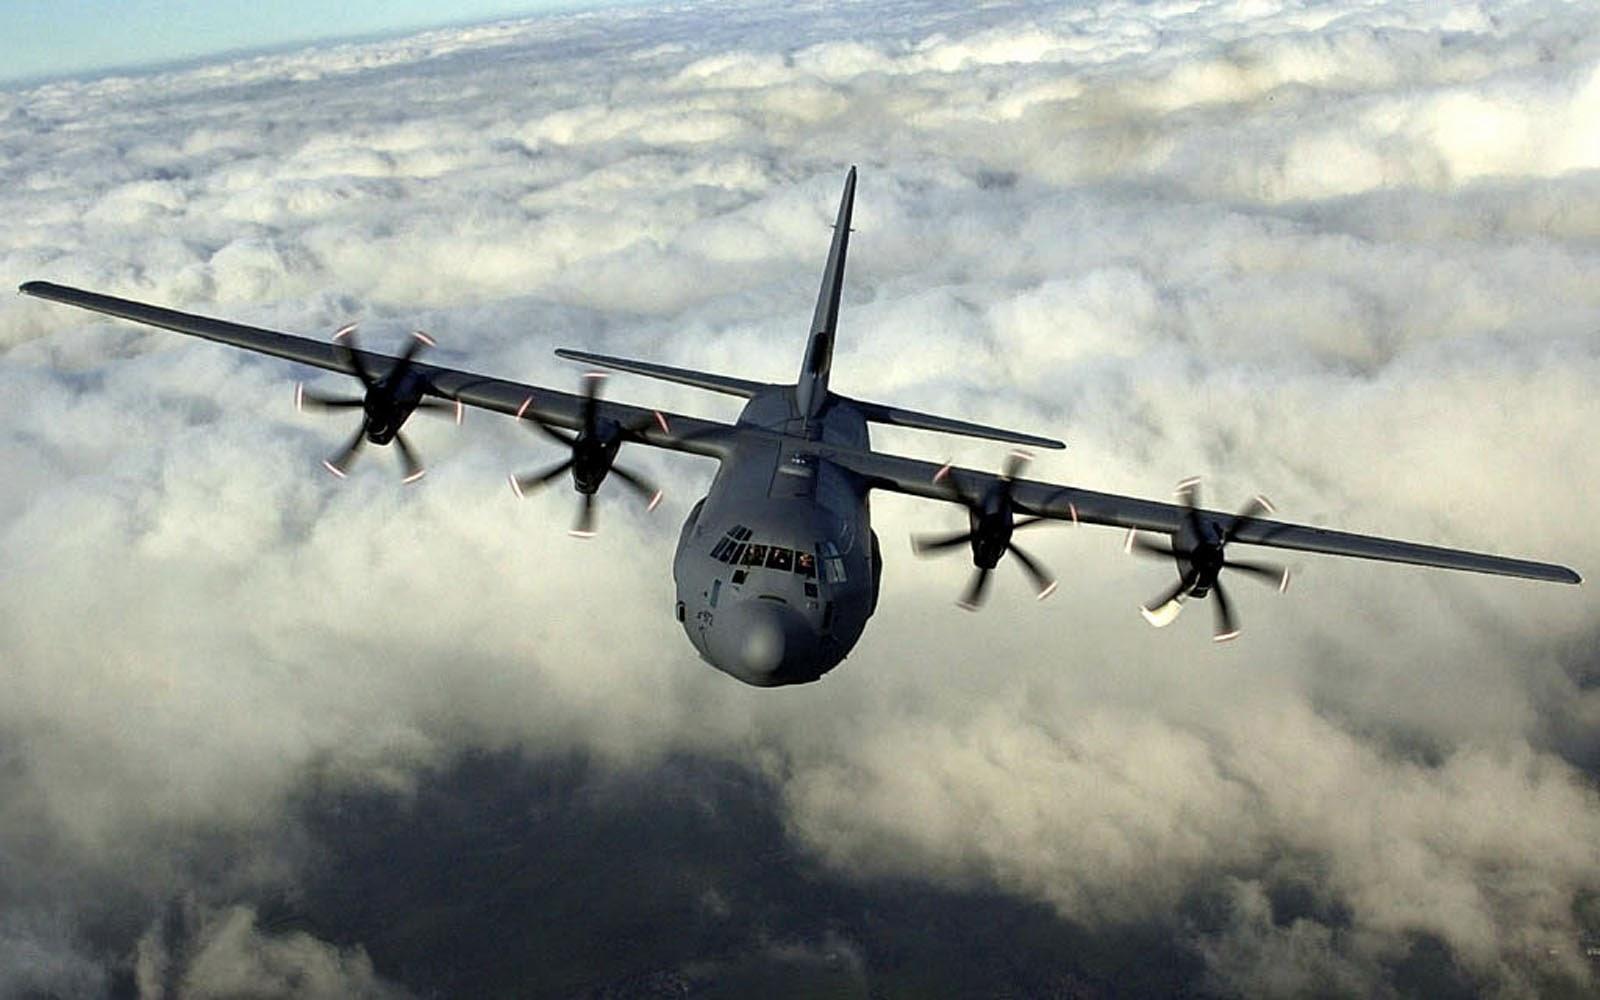 wallpapers: Lockheed C-130 Hercules Wallpapers